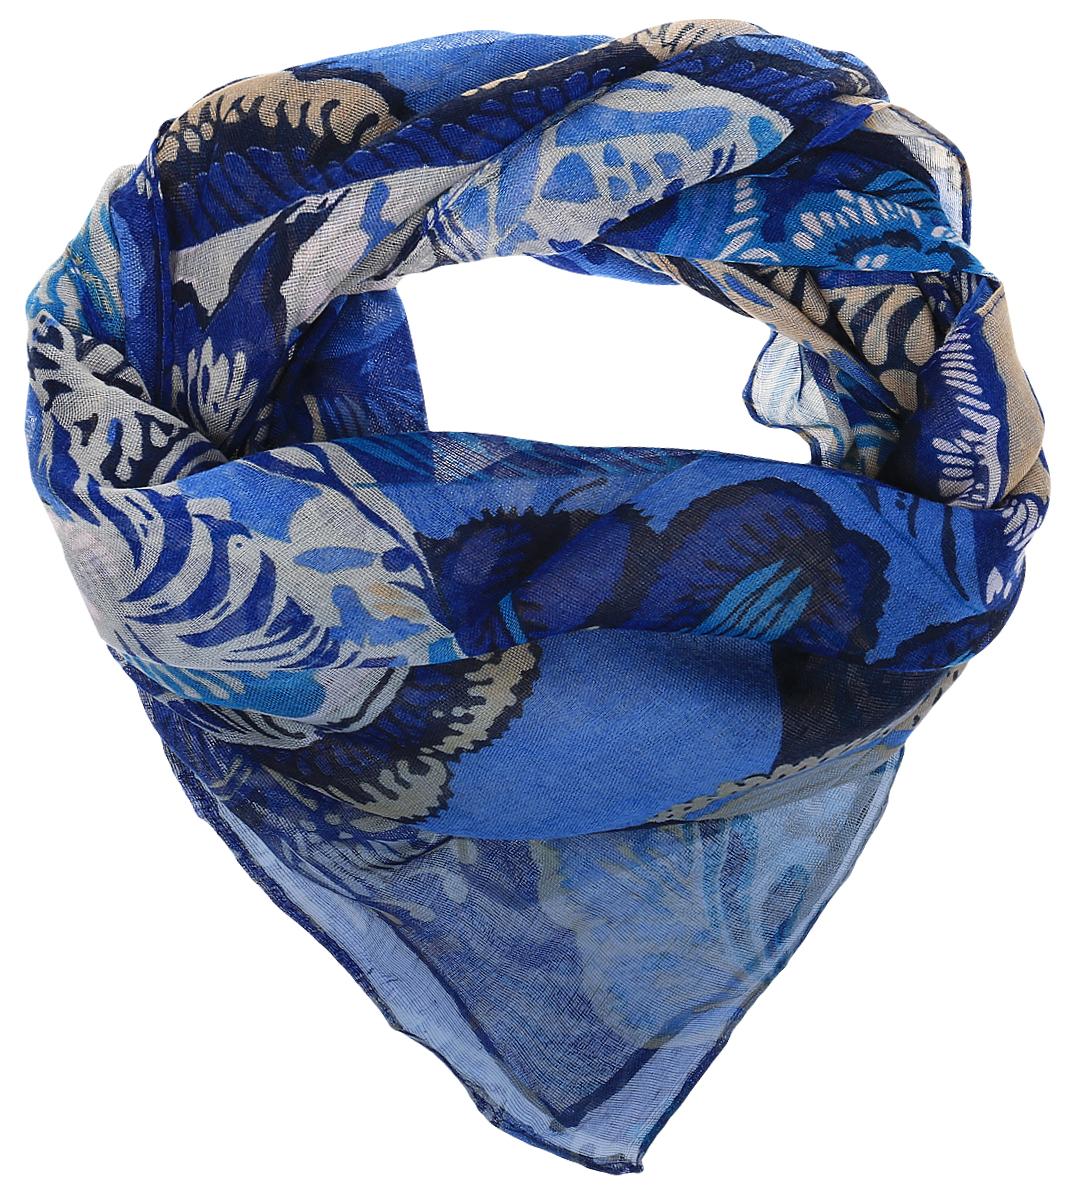 ПлатокRoFC428-1/11-4Стильный женский платок Vita Pelle изготовлен из высококачественного хлопка с добавлением полиэстера и модала. Платок оформлен крупным цветочным принтом. Край отделан швом американка.